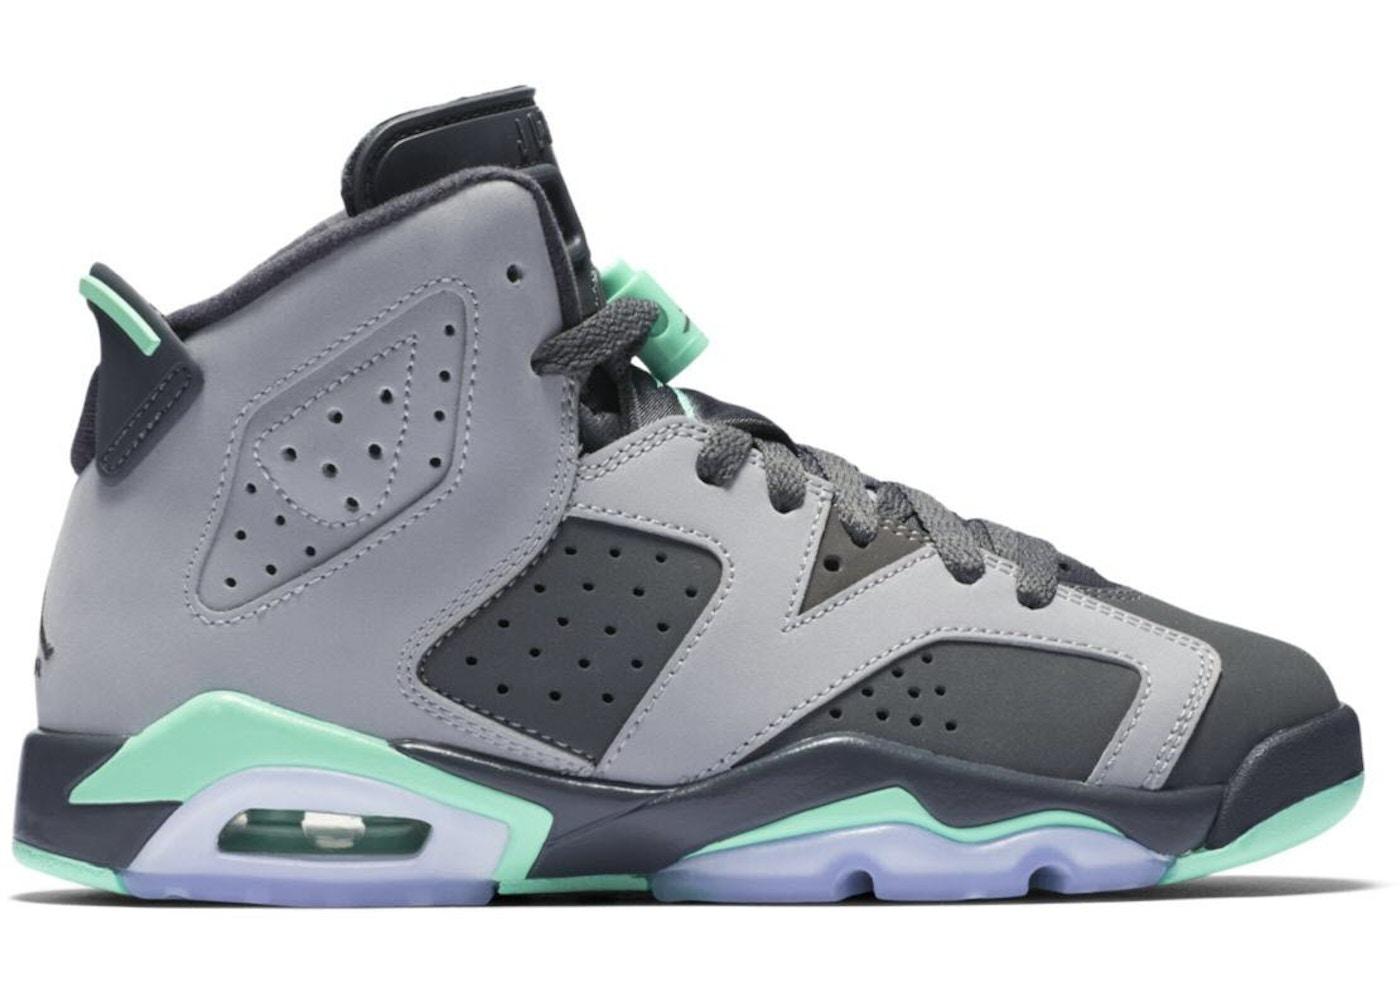 huge sale release date: order Jordan 6 Retro Green Glow (GS)